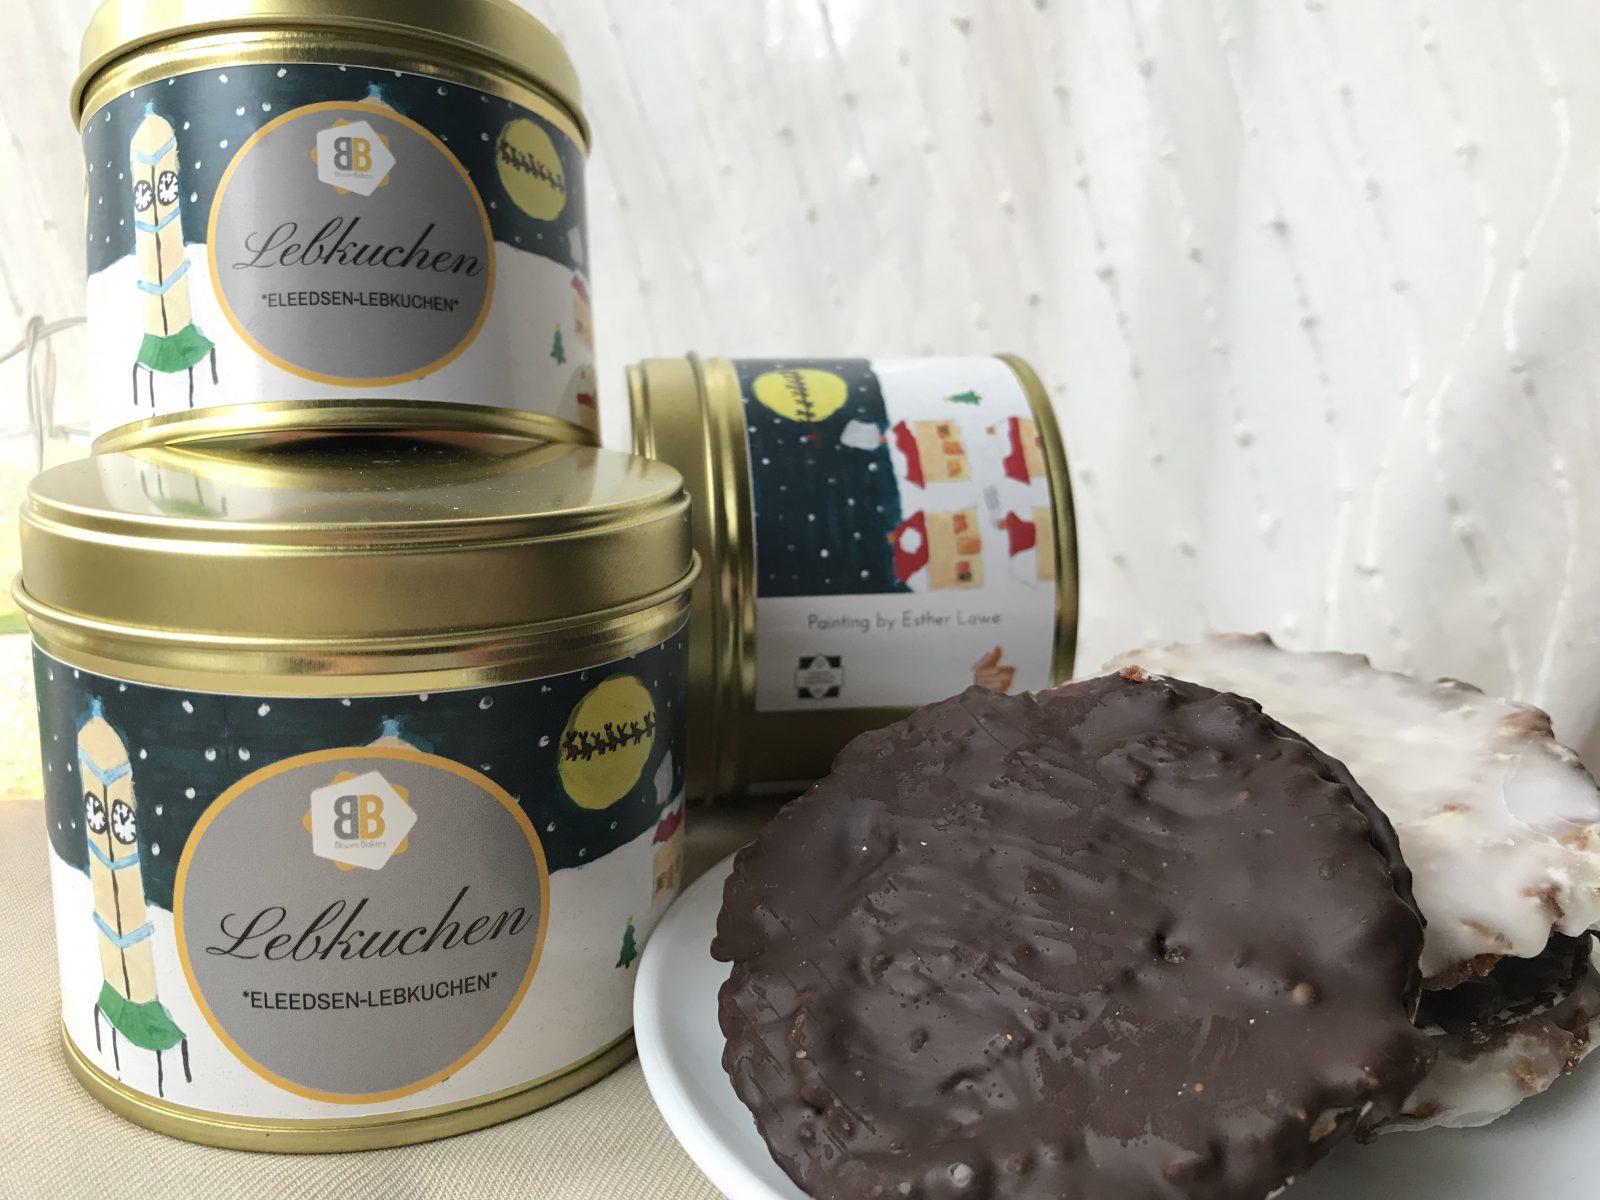 Eleedsen-Lebkuchen tin featuring Oakwood Clock